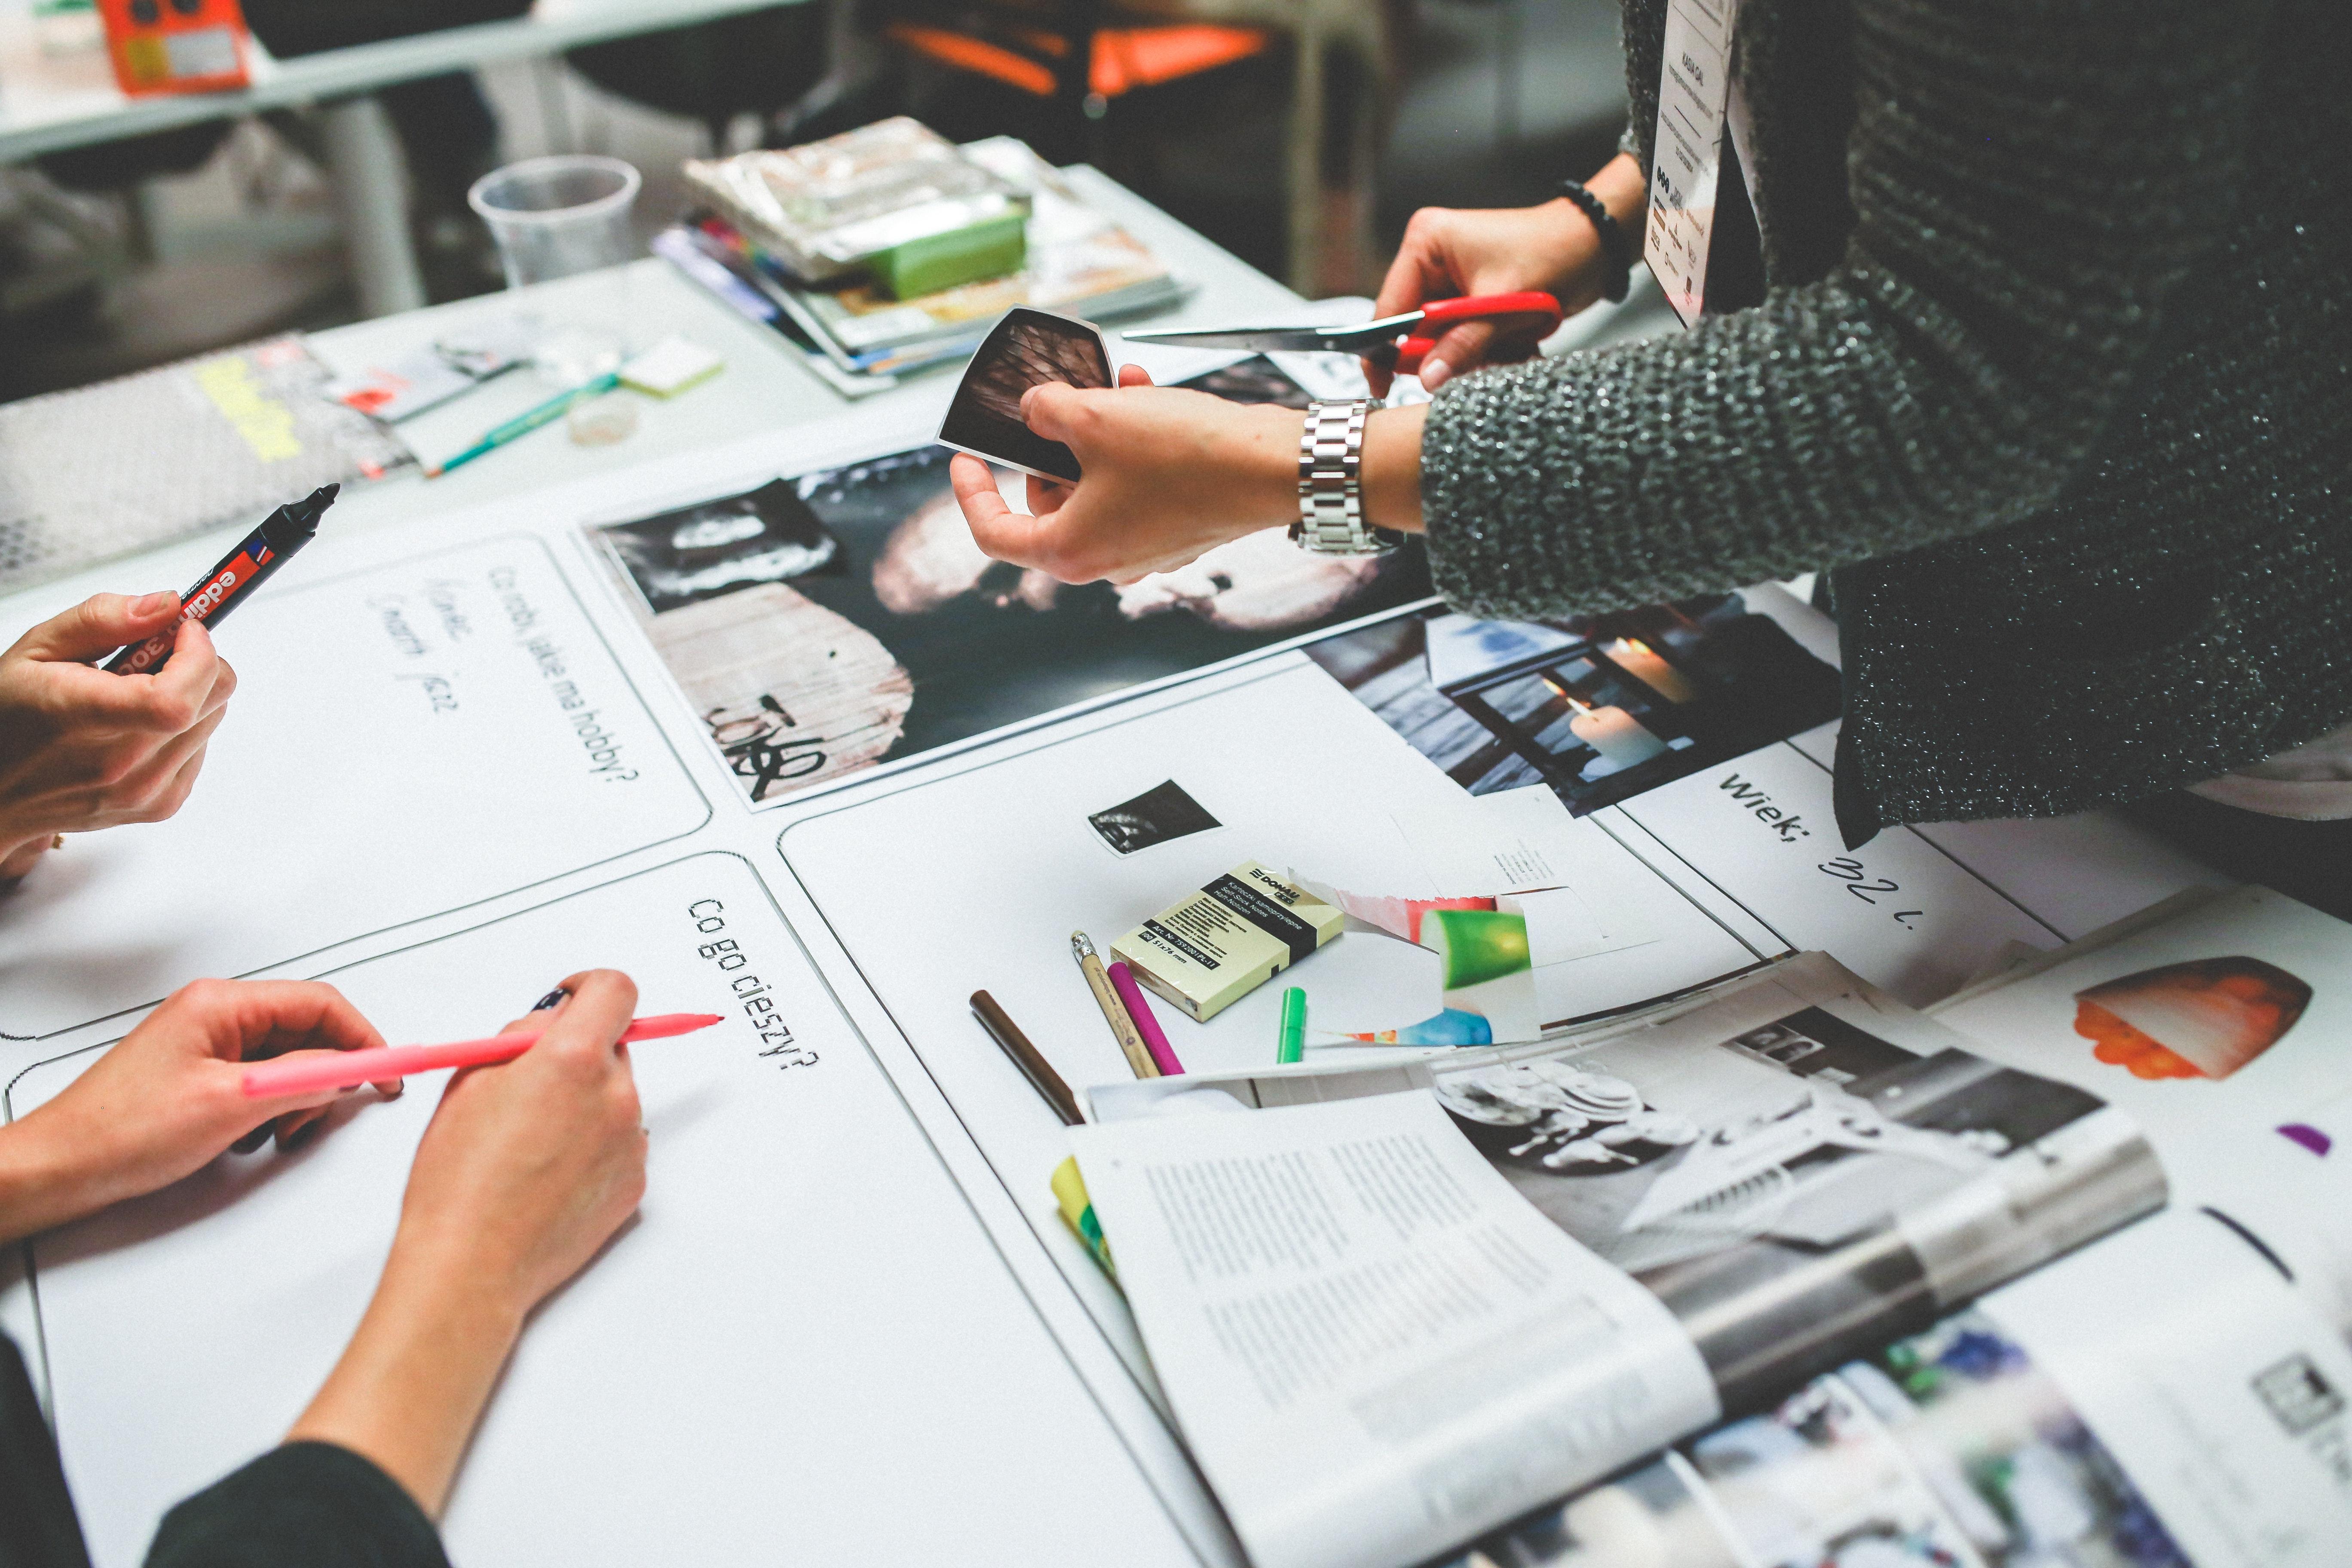 Comment améliorer l'image de marque de son entreprise ?